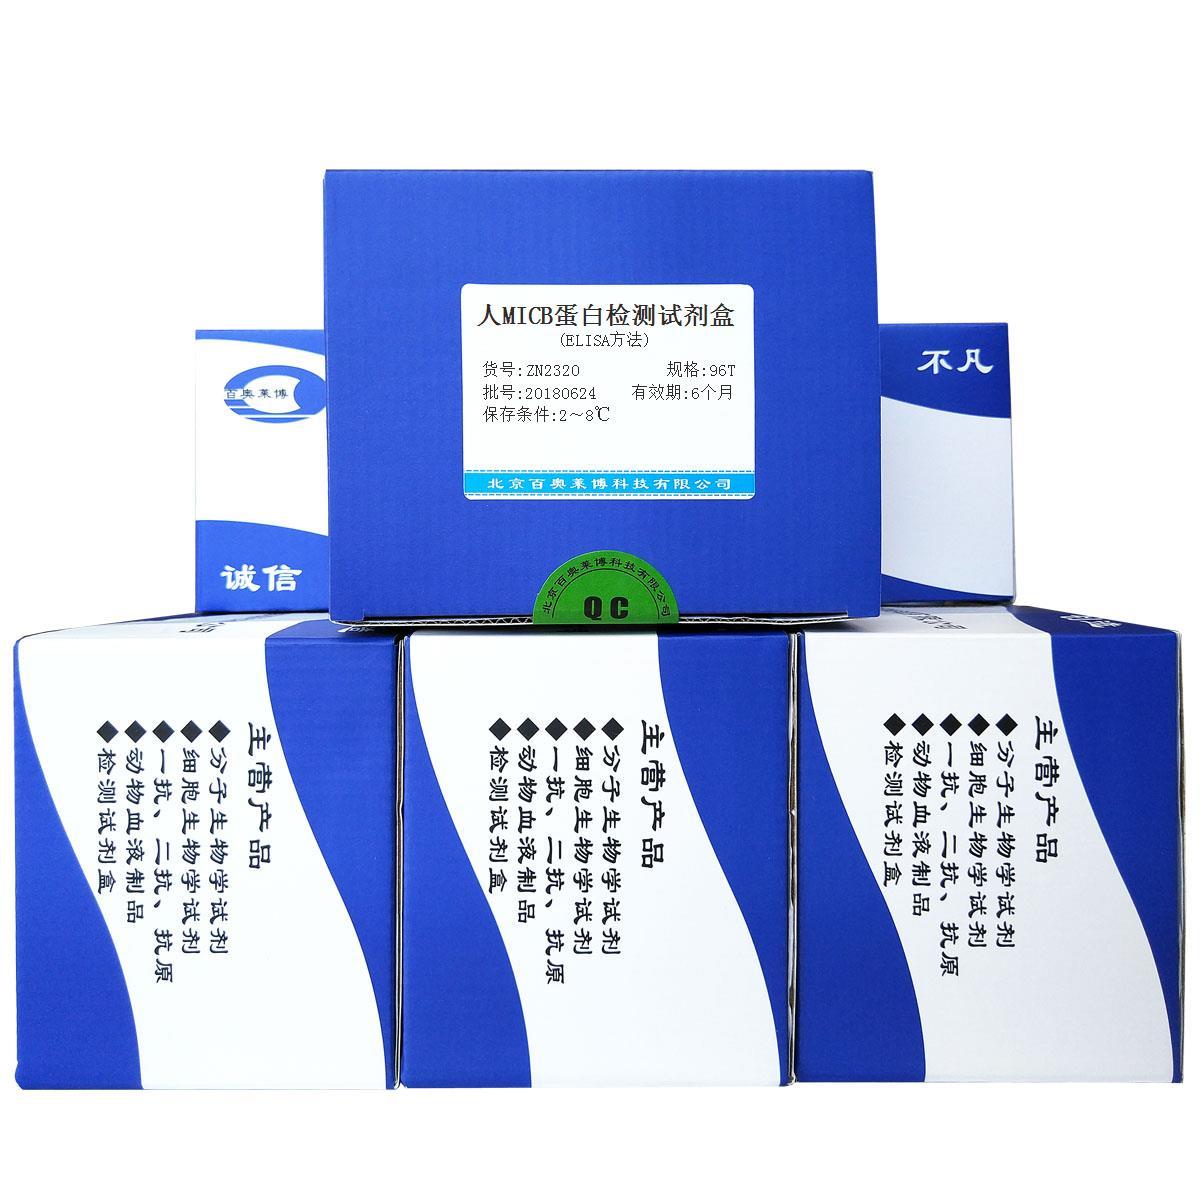 人MICB蛋白检测试剂盒(ELISA方法)批发